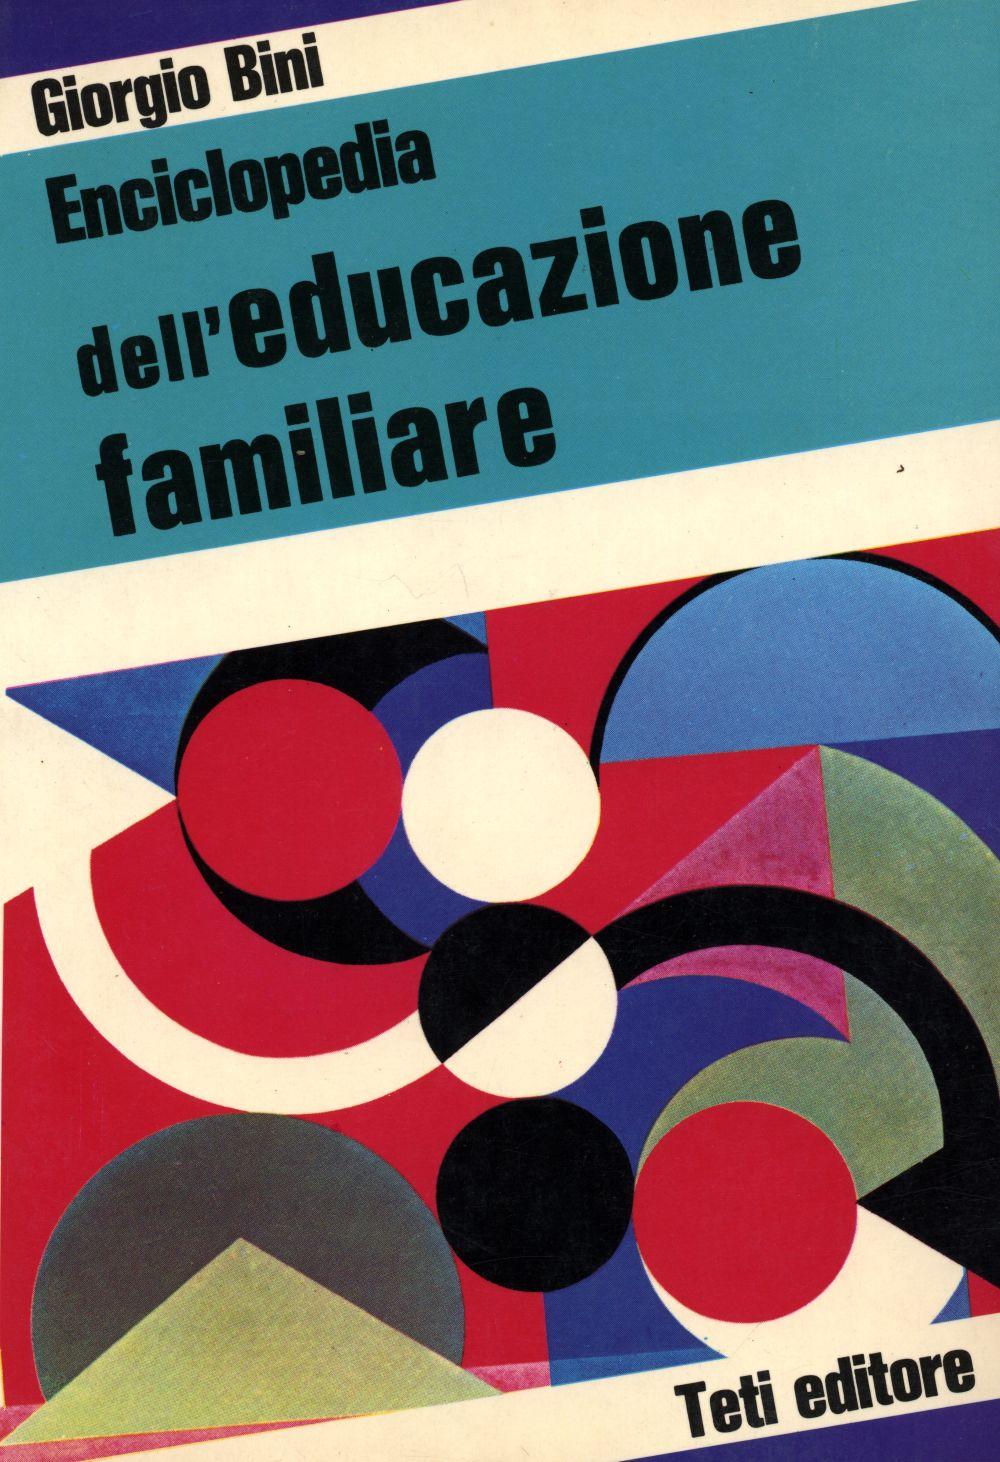 Enciclopedia dell'educazione familiare